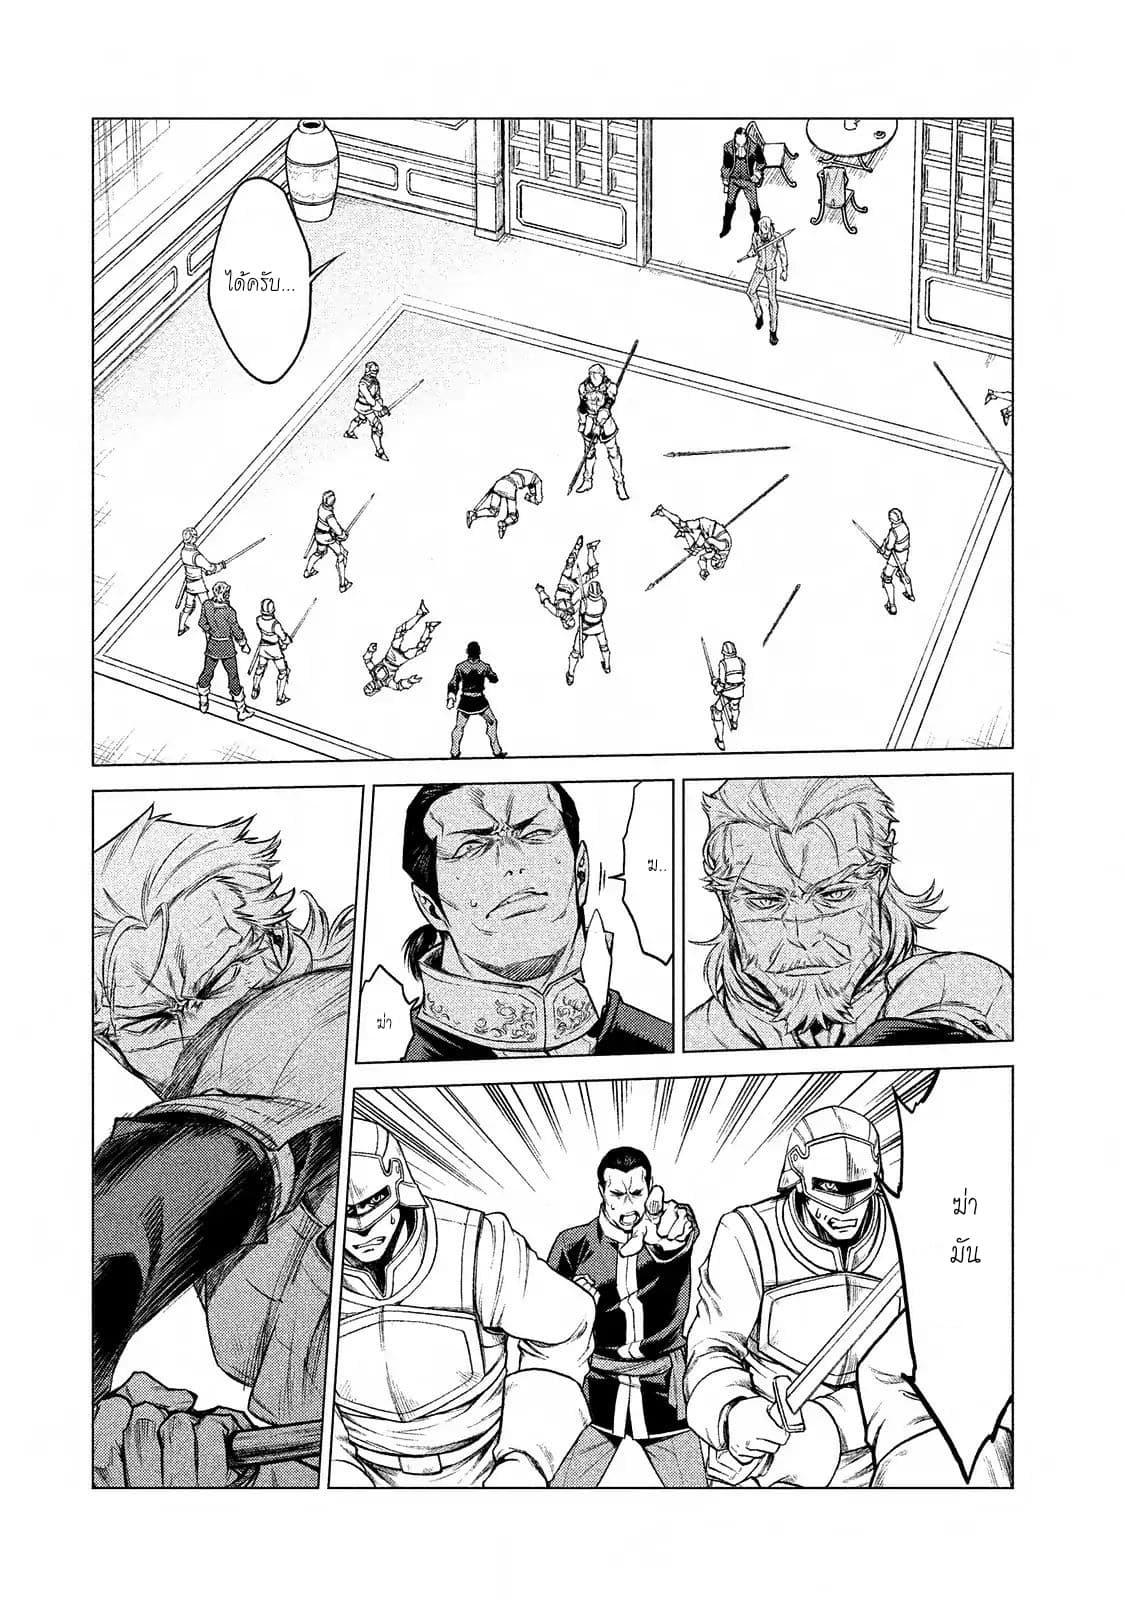 อ่านการ์ตูน Henkyou no Roukishi - Bard Loen ตอนที่ 7 หน้าที่ 8